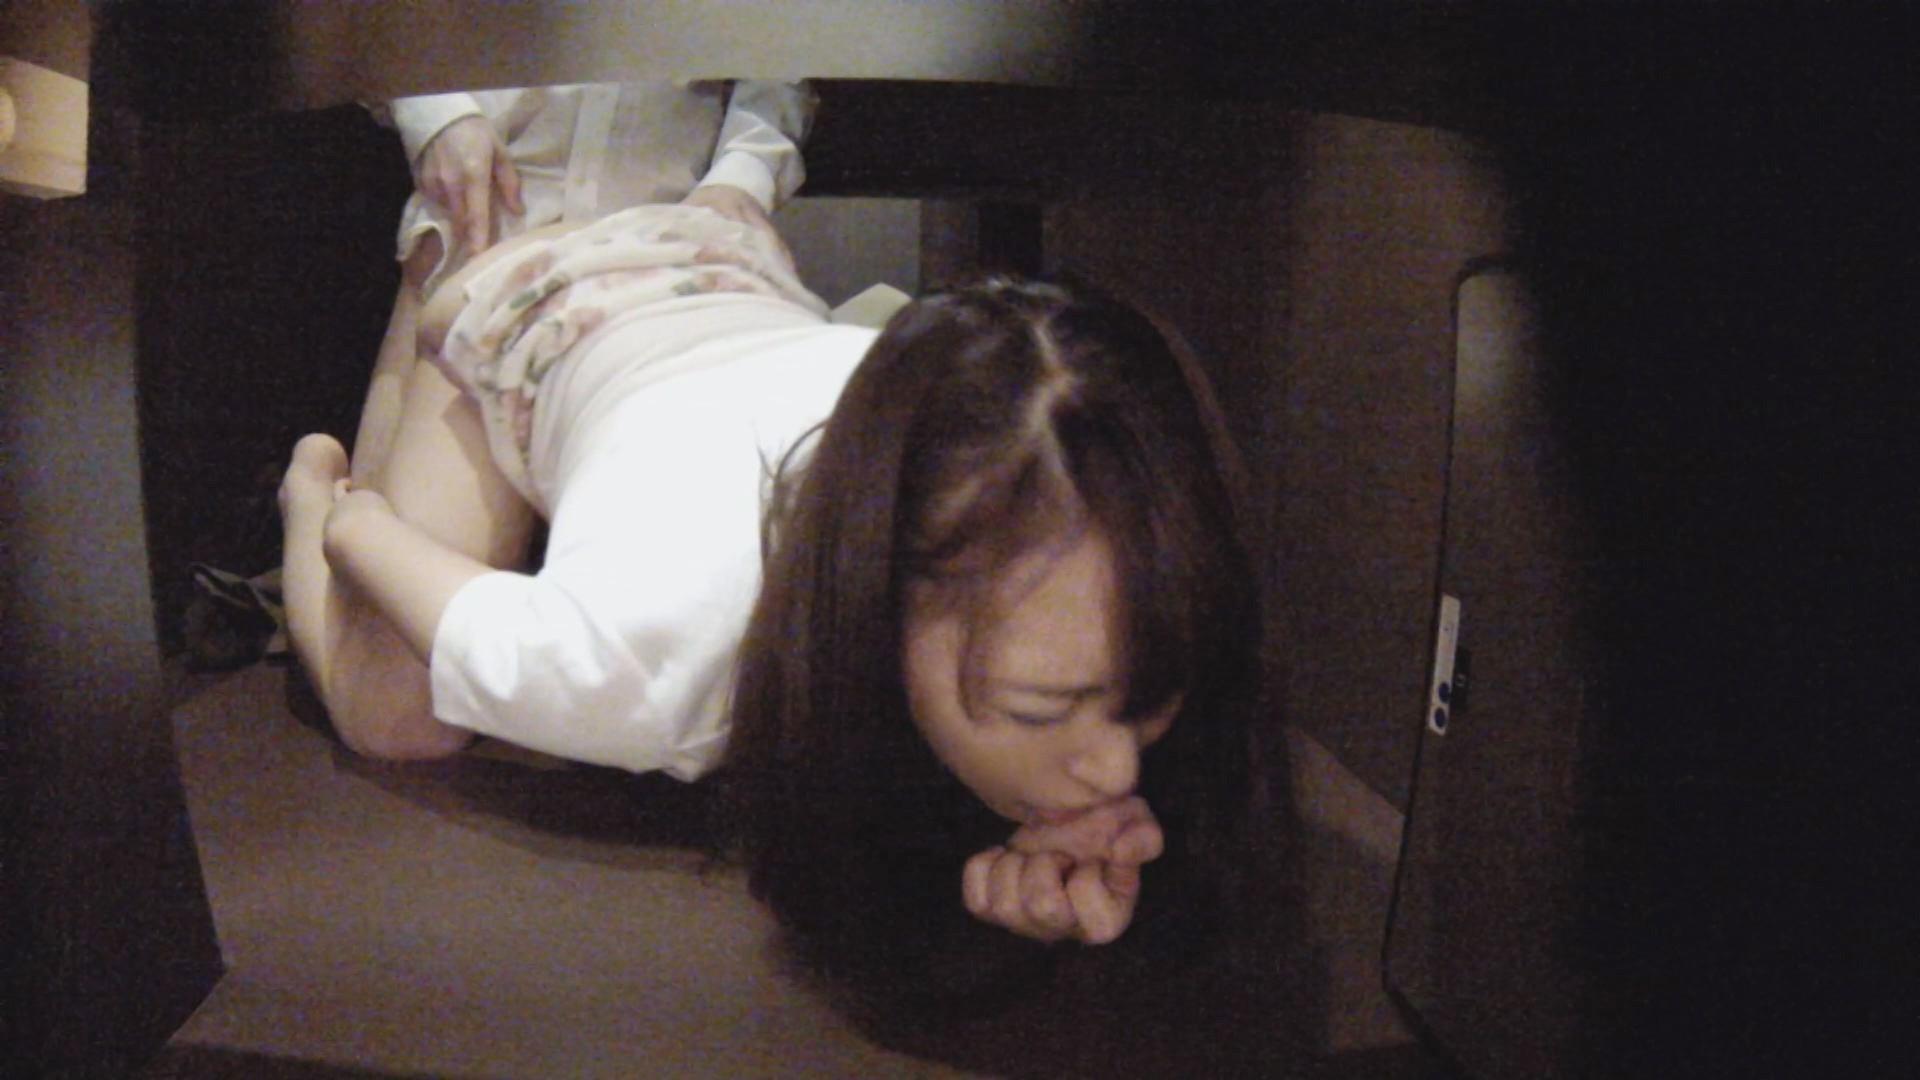 【エロ画像】ネカフェでSEXやおなにーしてる女の秘密撮影えろ画像32枚